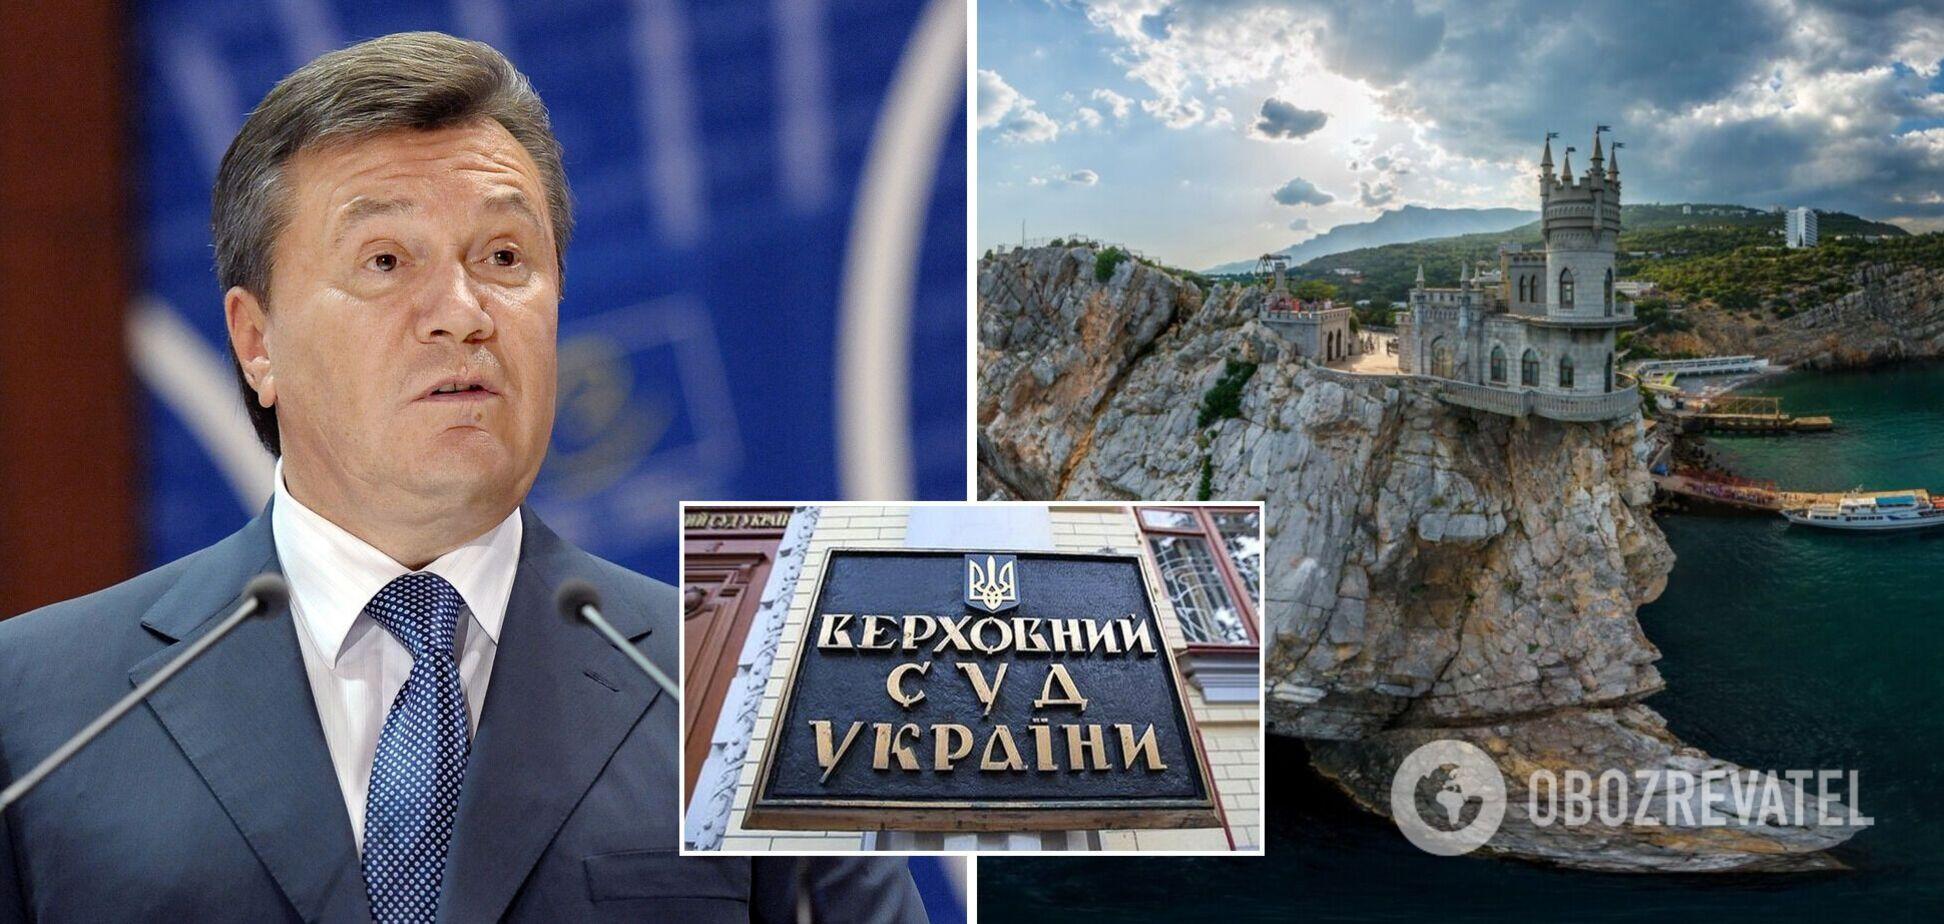 Янукович захотів особисто брати участь у судовому процесі про здачу Криму